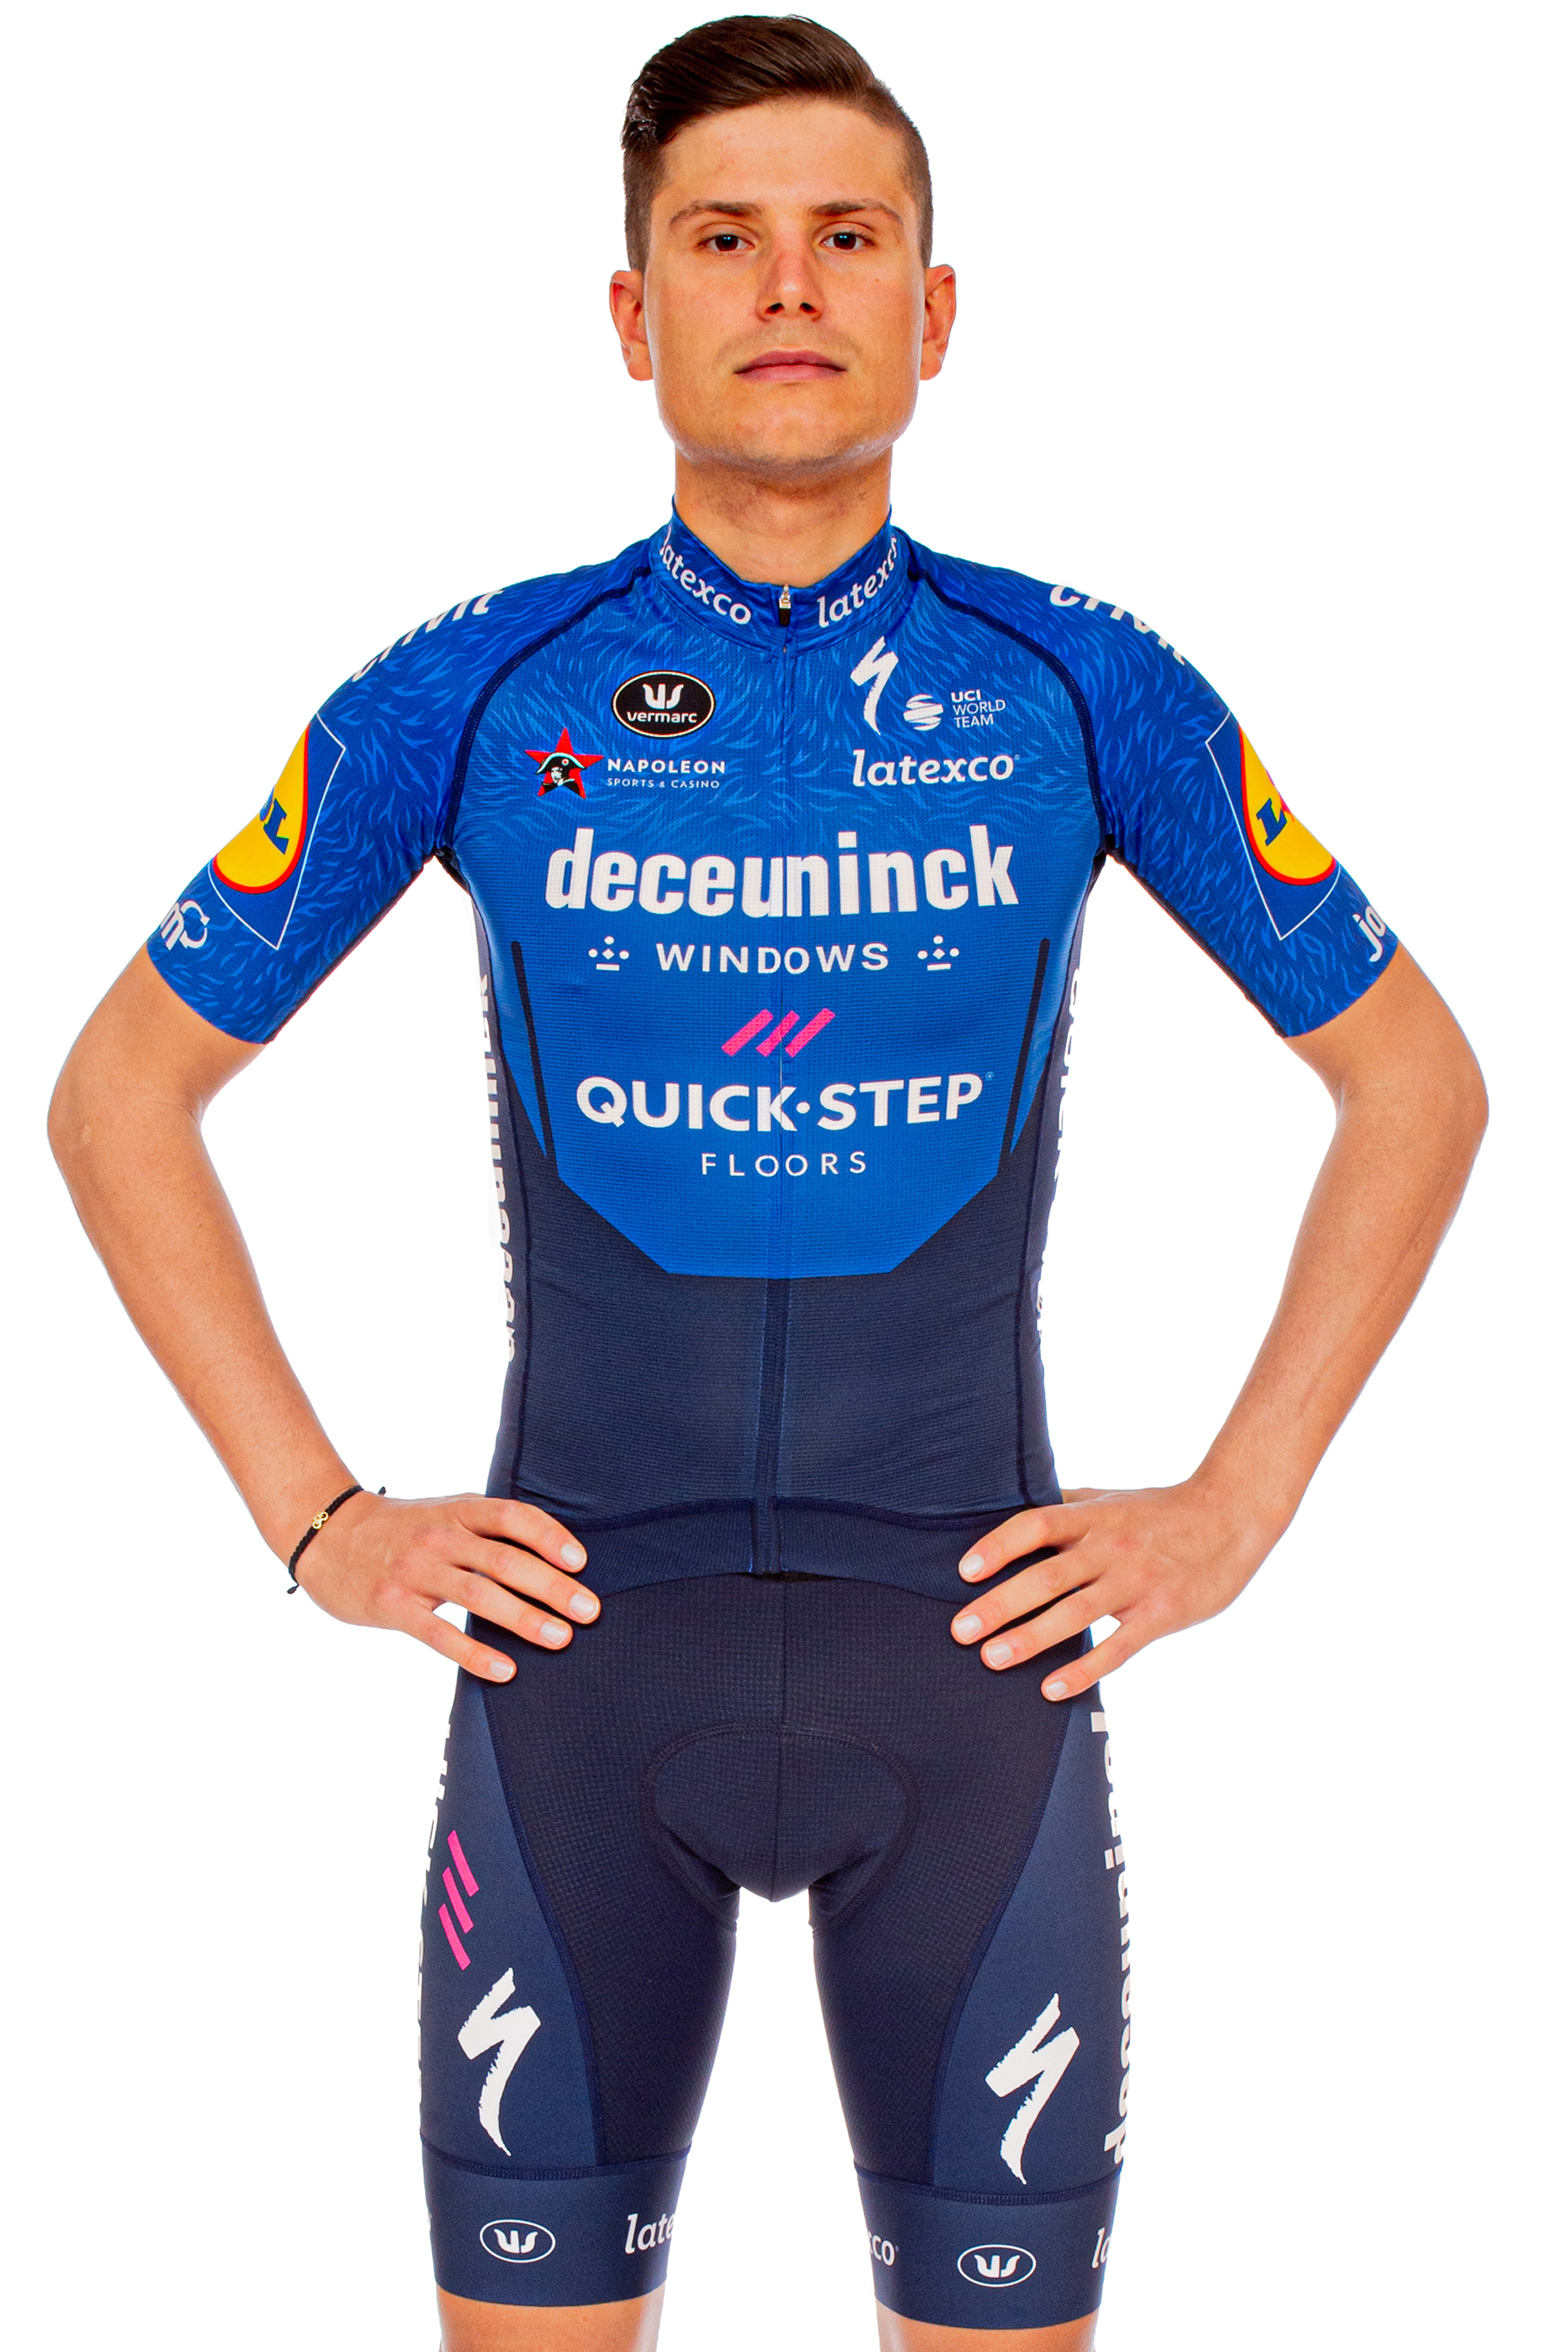 Fausto Masnada Deceuninck 2021